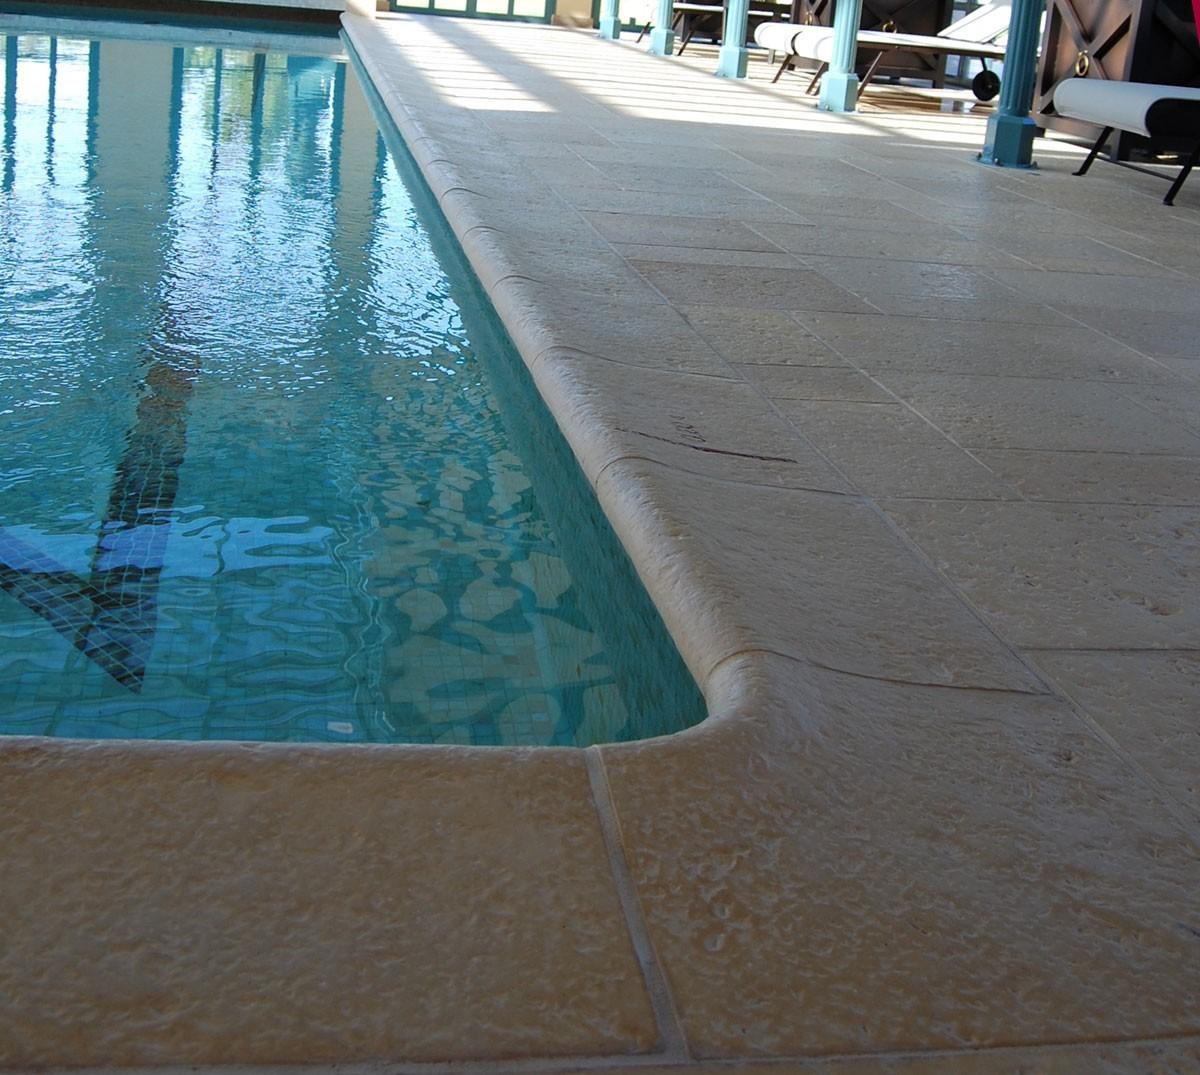 kit margelles de piscine en pierre reconstitu e avec escalier roman 4 cm 5 x 10 ml ocre galb e. Black Bedroom Furniture Sets. Home Design Ideas